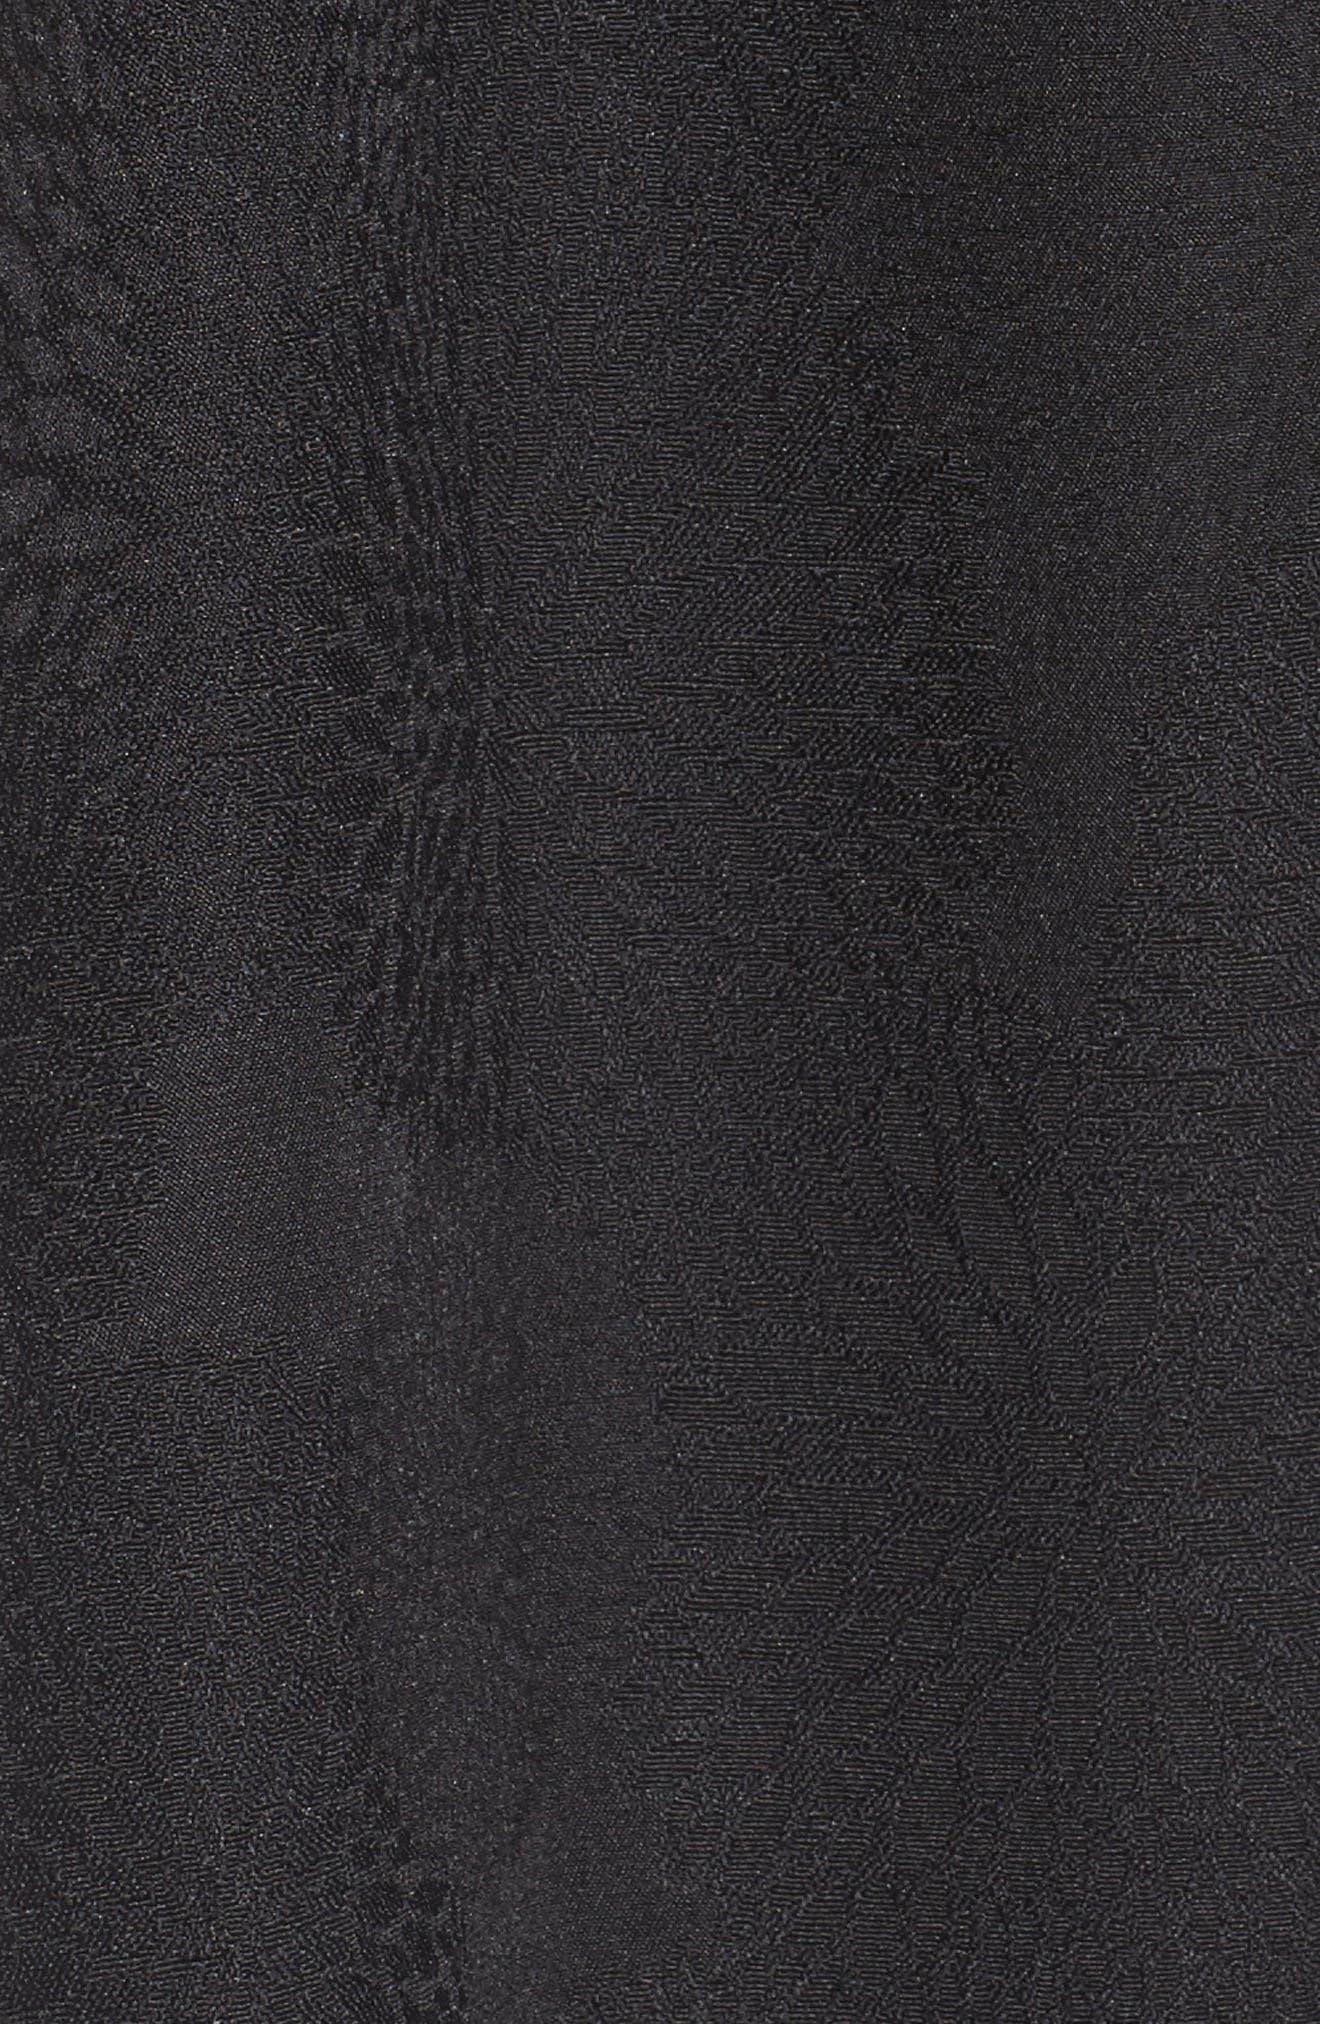 Jacqaurd Fit & Flare Dress,                             Alternate thumbnail 5, color,                             Black